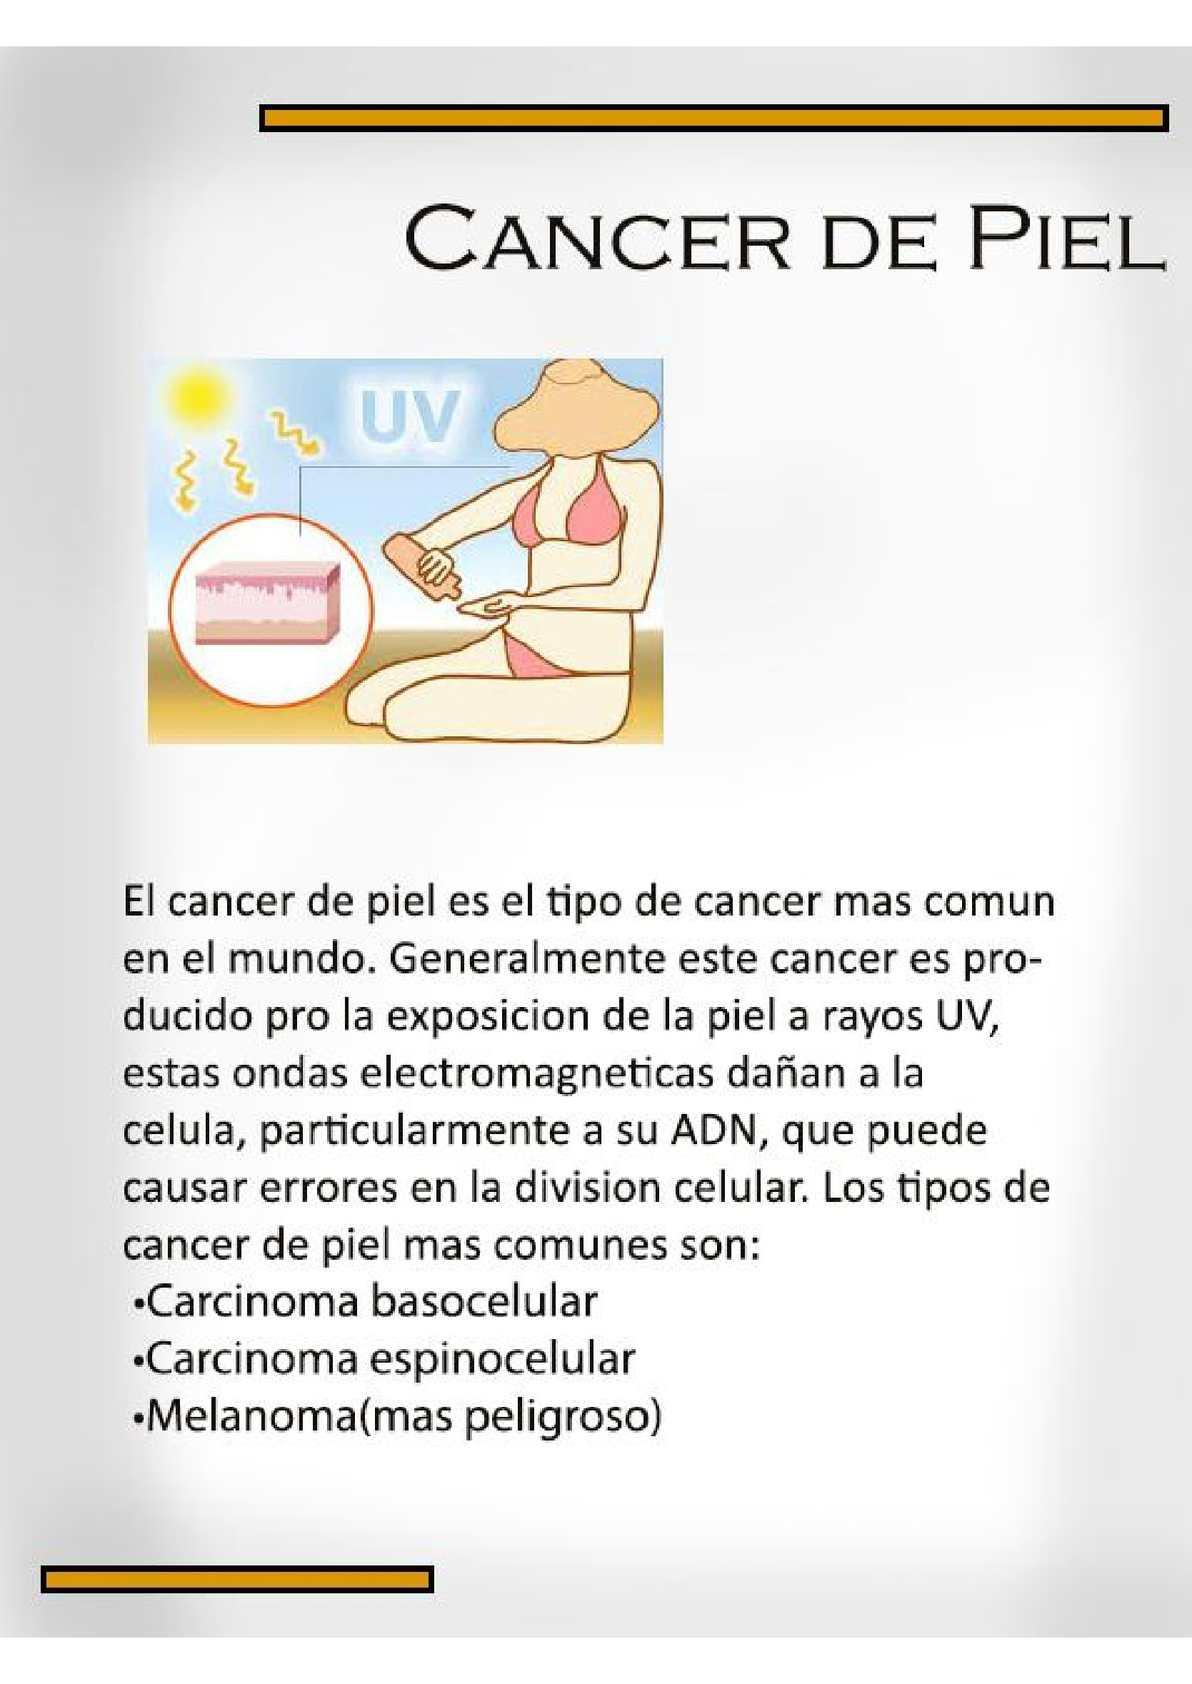 que cancer es mas peligroso